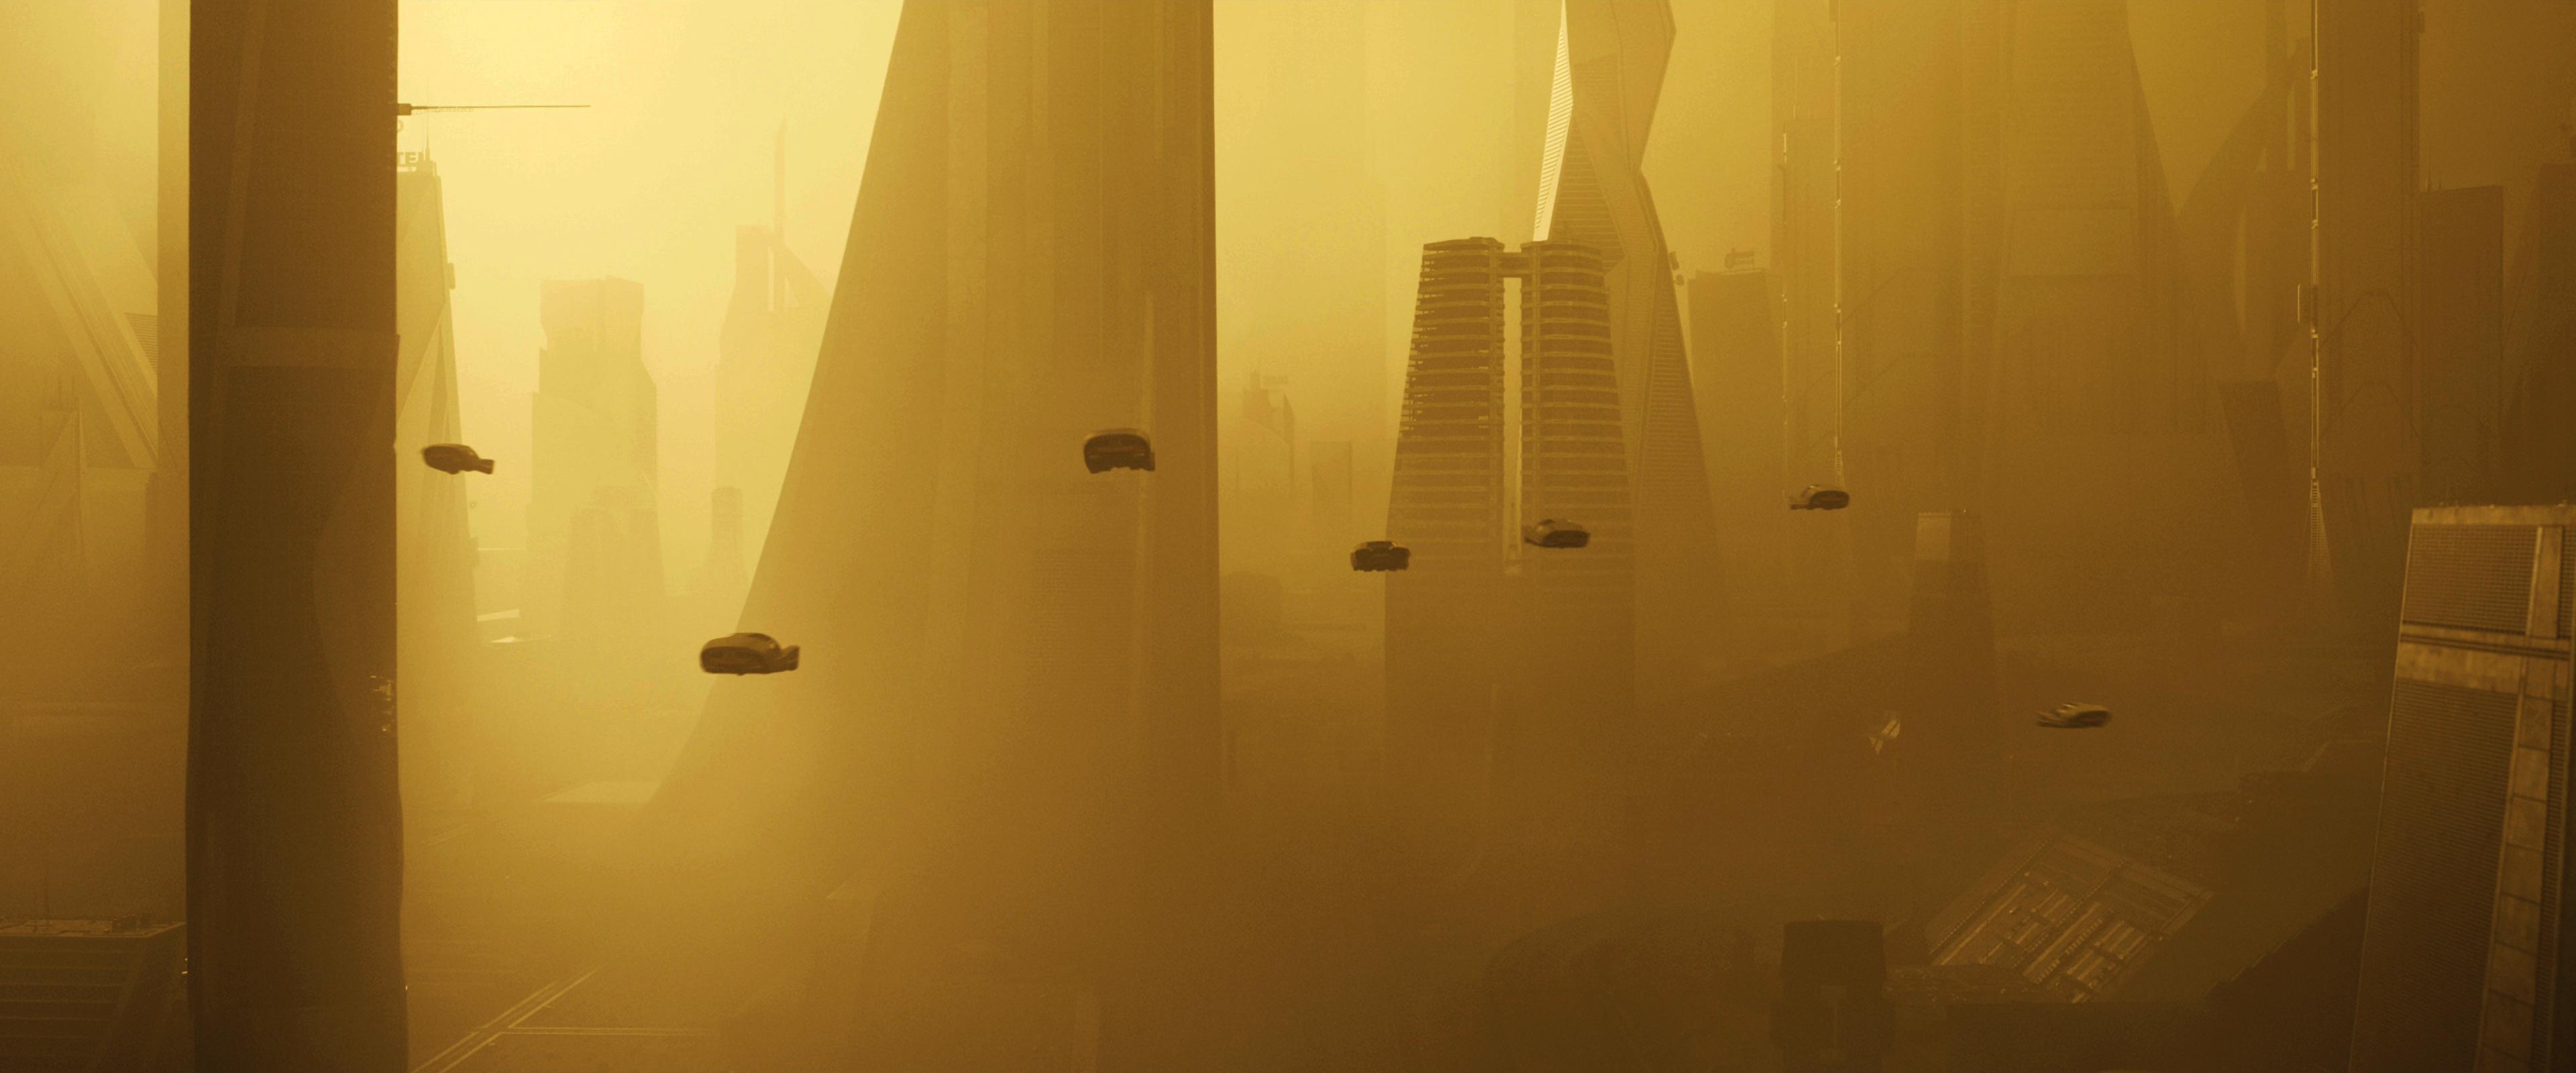 Wallpaper Bladerunner Blade Runner 2049 Cyberpunk 3840x1600